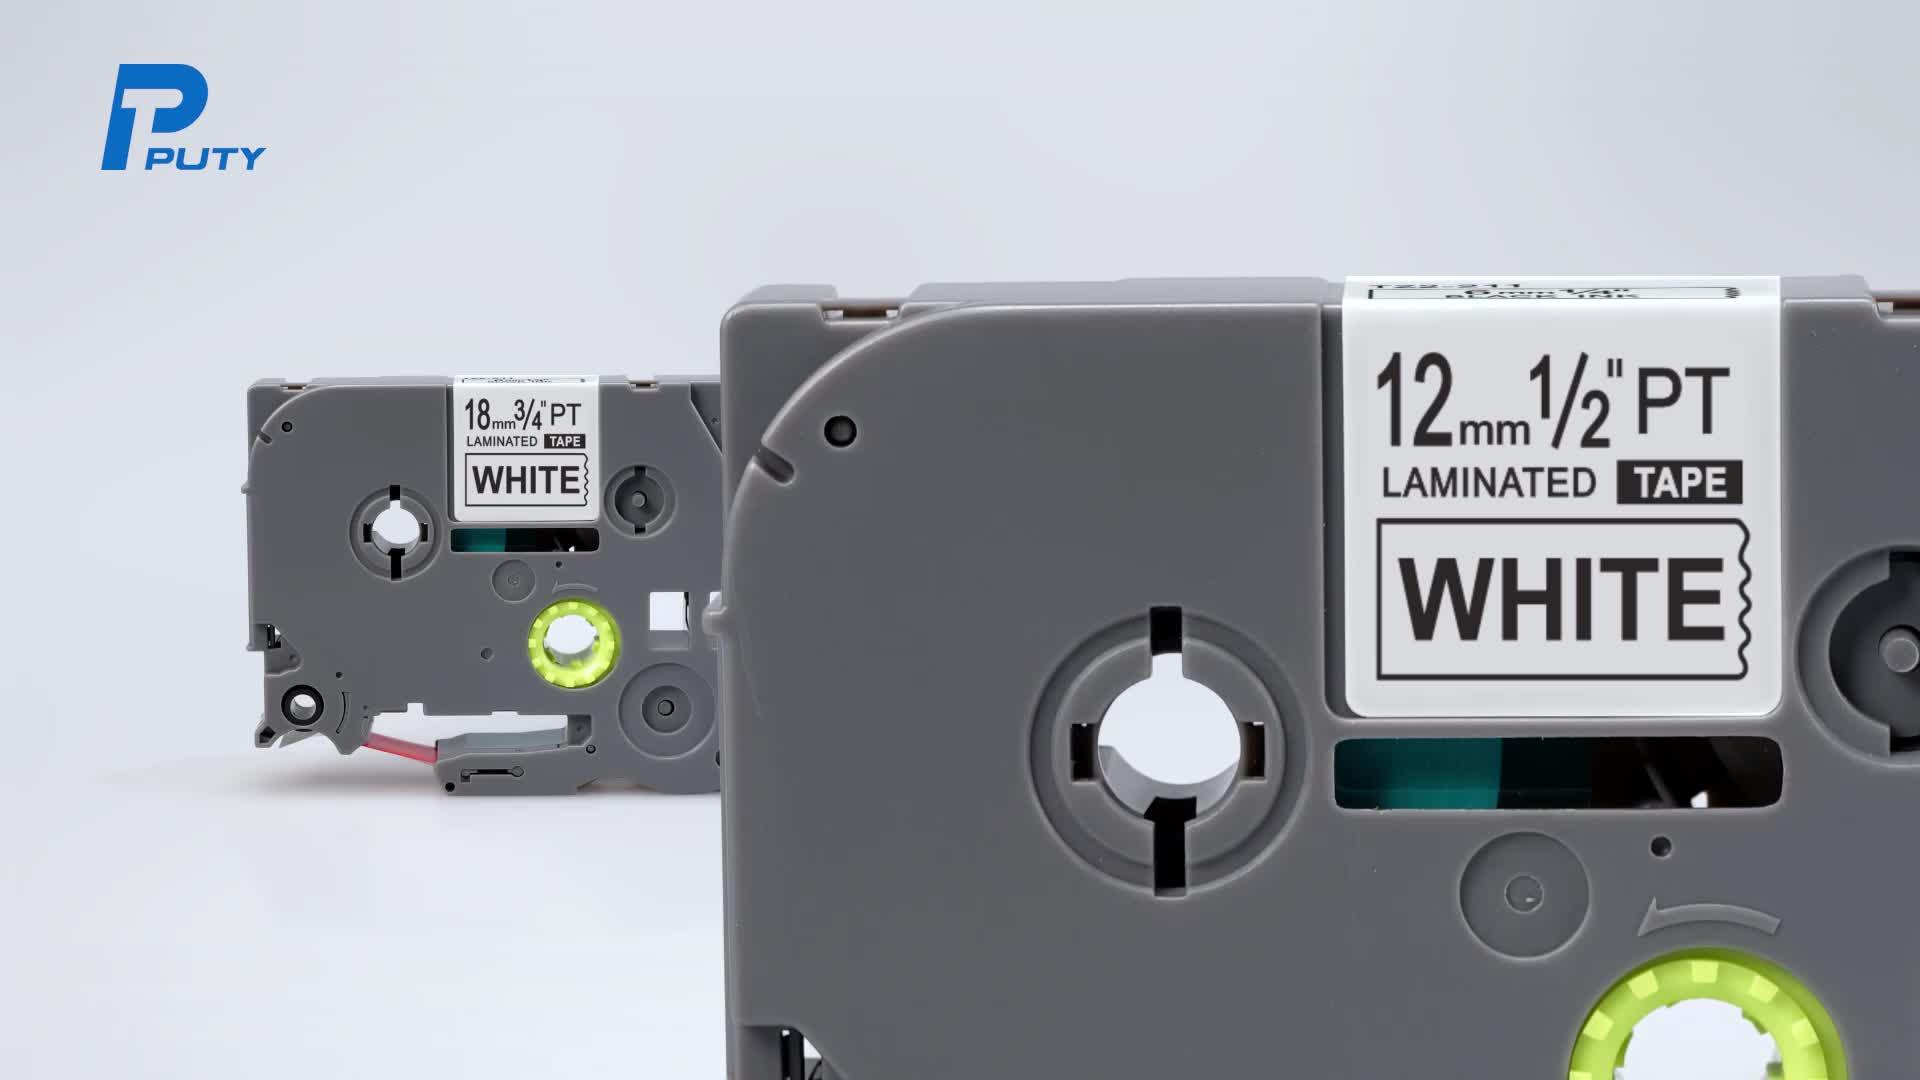 PUTY ज़े 121 पर 9mm काले स्पष्ट निविड़ अंधकार तेल सबूत मजबूत चिपकने वाला लेबल टेप के लिए p-टच प्रिंटर tze121 टेप